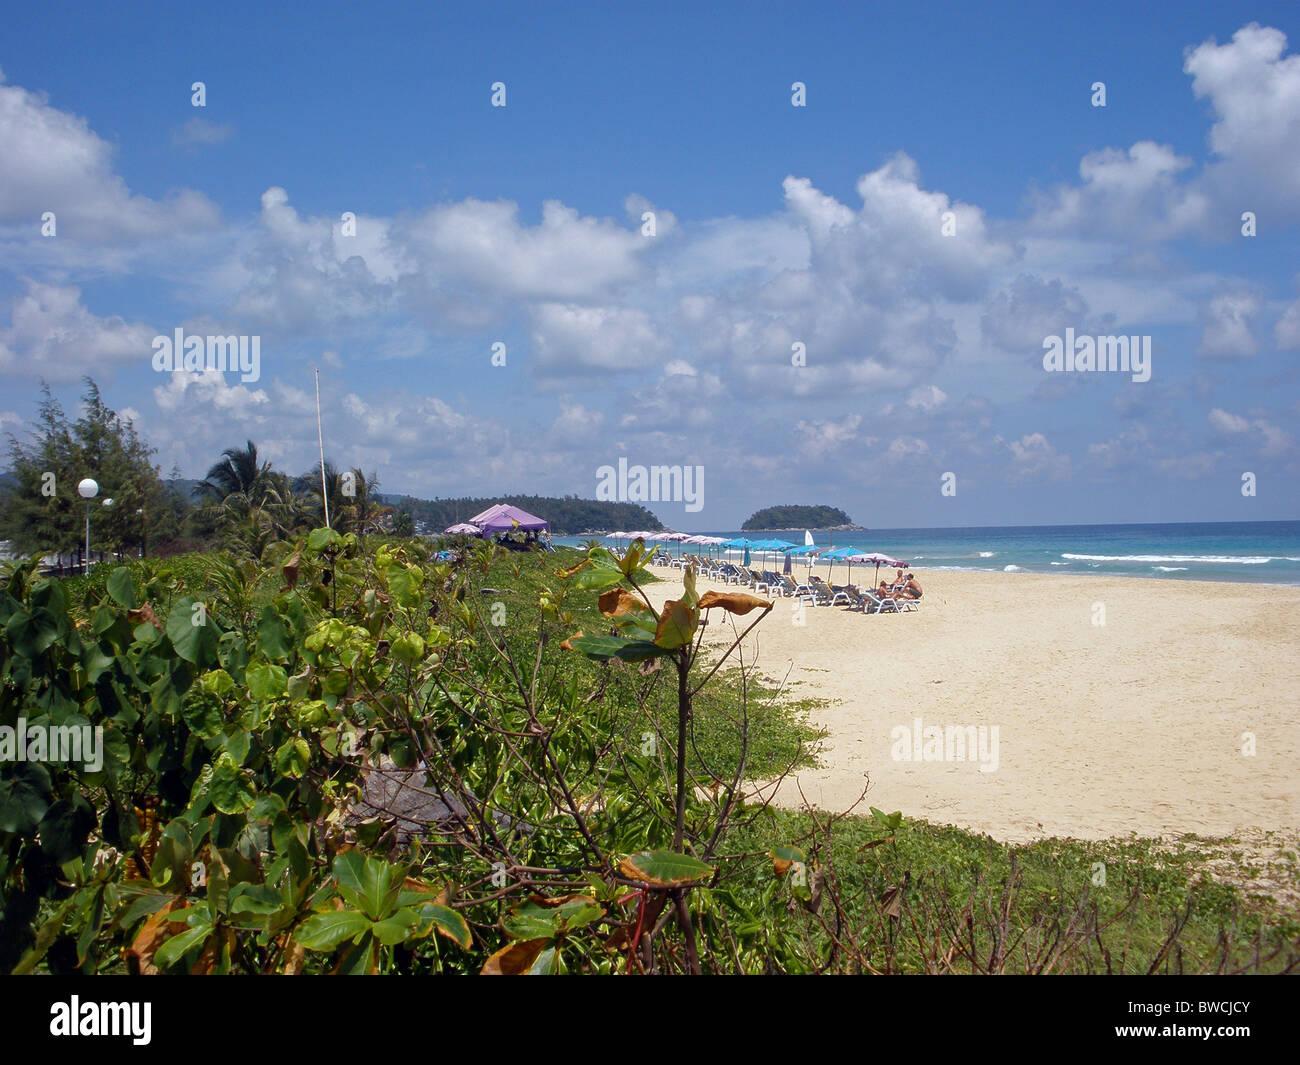 Vista a lo largo de Karon Beach, Phuket, en el sur de Tailandia, en el Lejano Oriente. Imagen De Stock